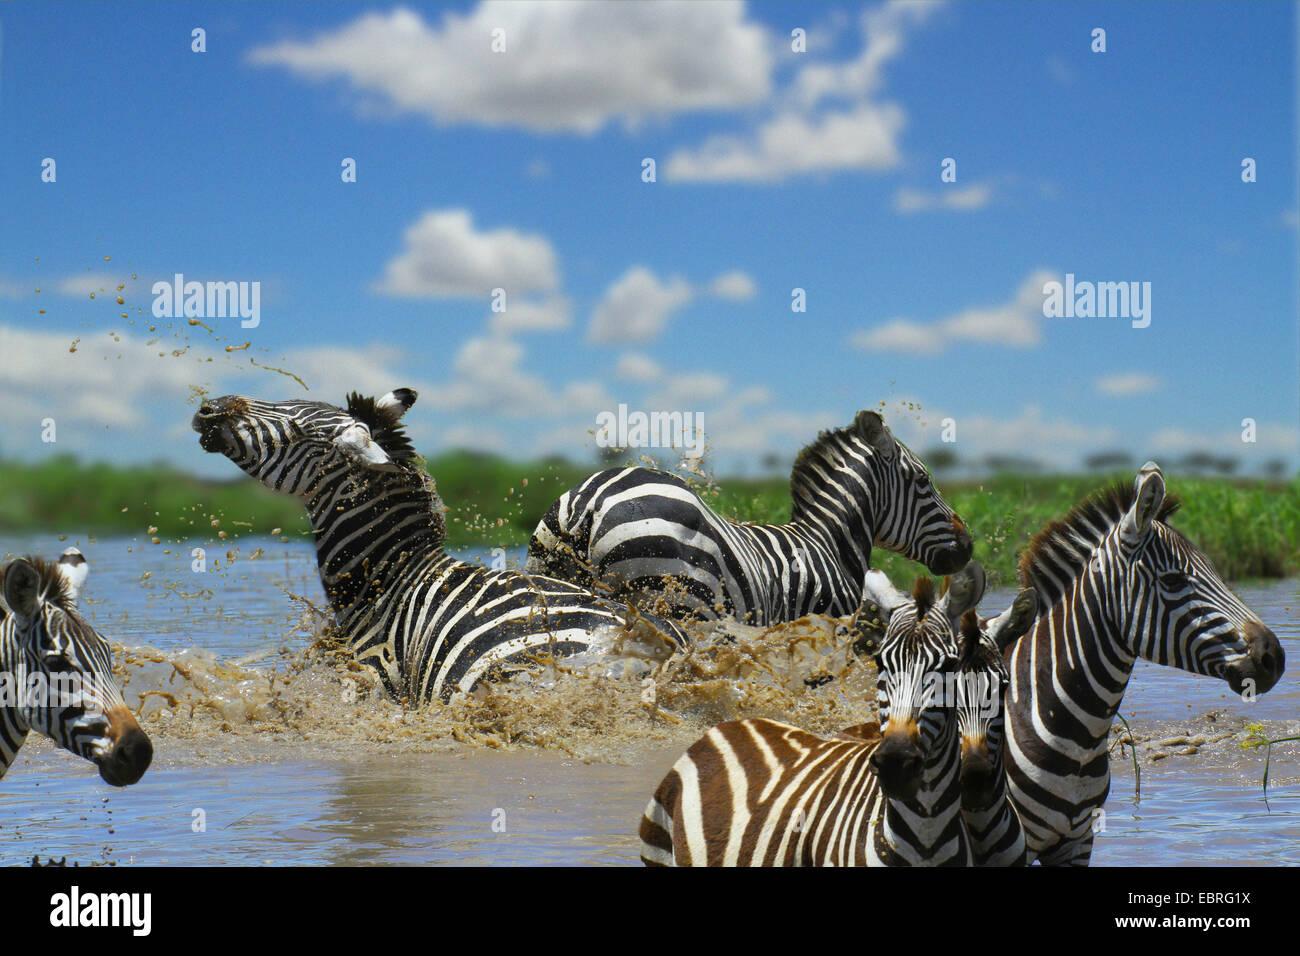 La moule commune (Equus quagga), troupeau dans l'eau, de la lutte, la Tanzanie, le Parc National du Serengeti Photo Stock